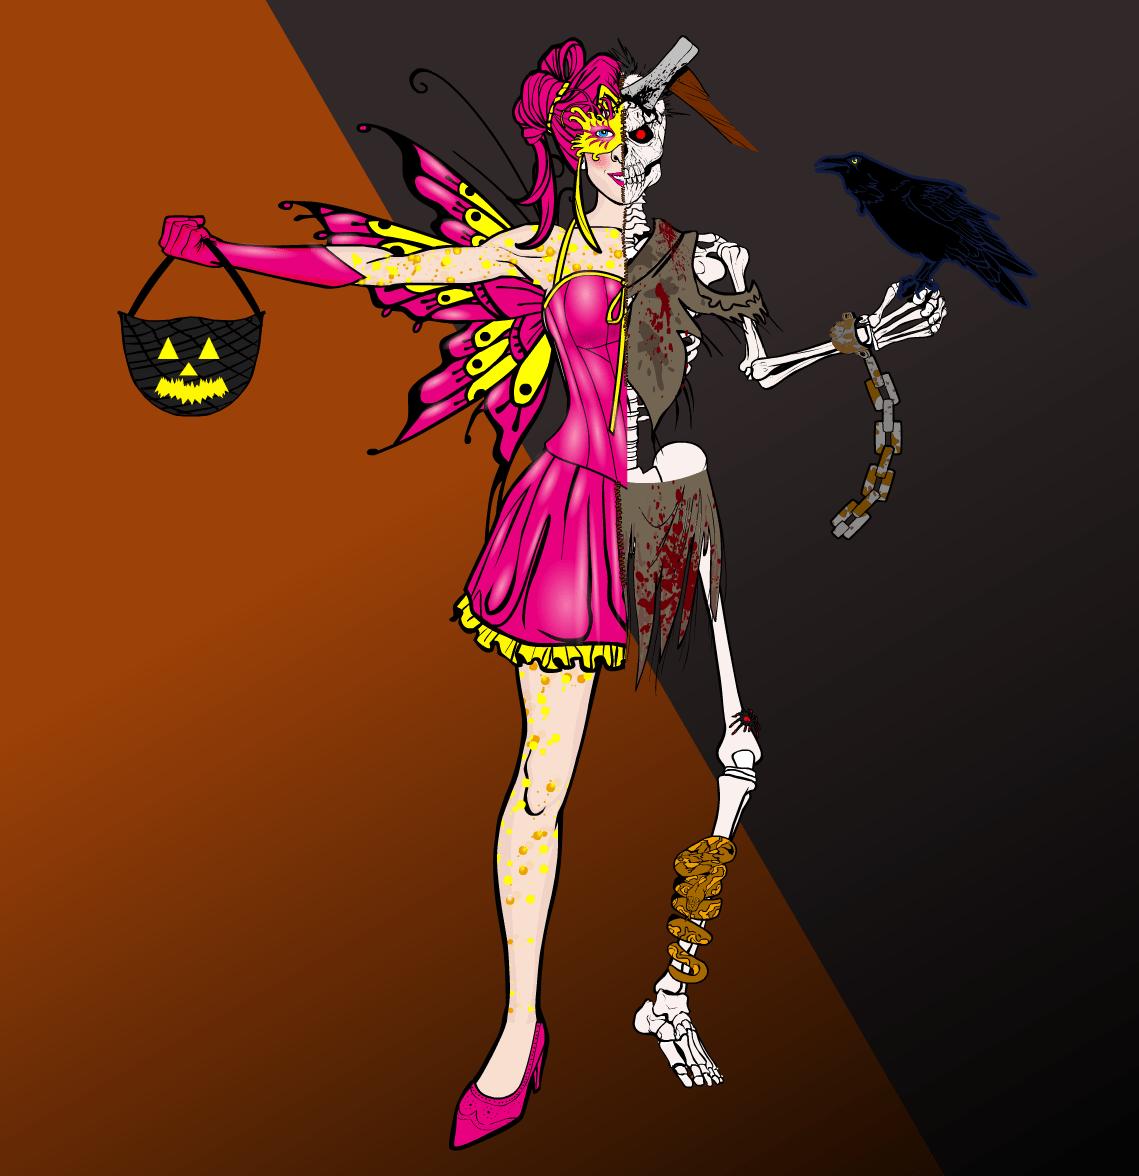 Character Design Challenge 2017 : Character design challenge the spirit of halloween